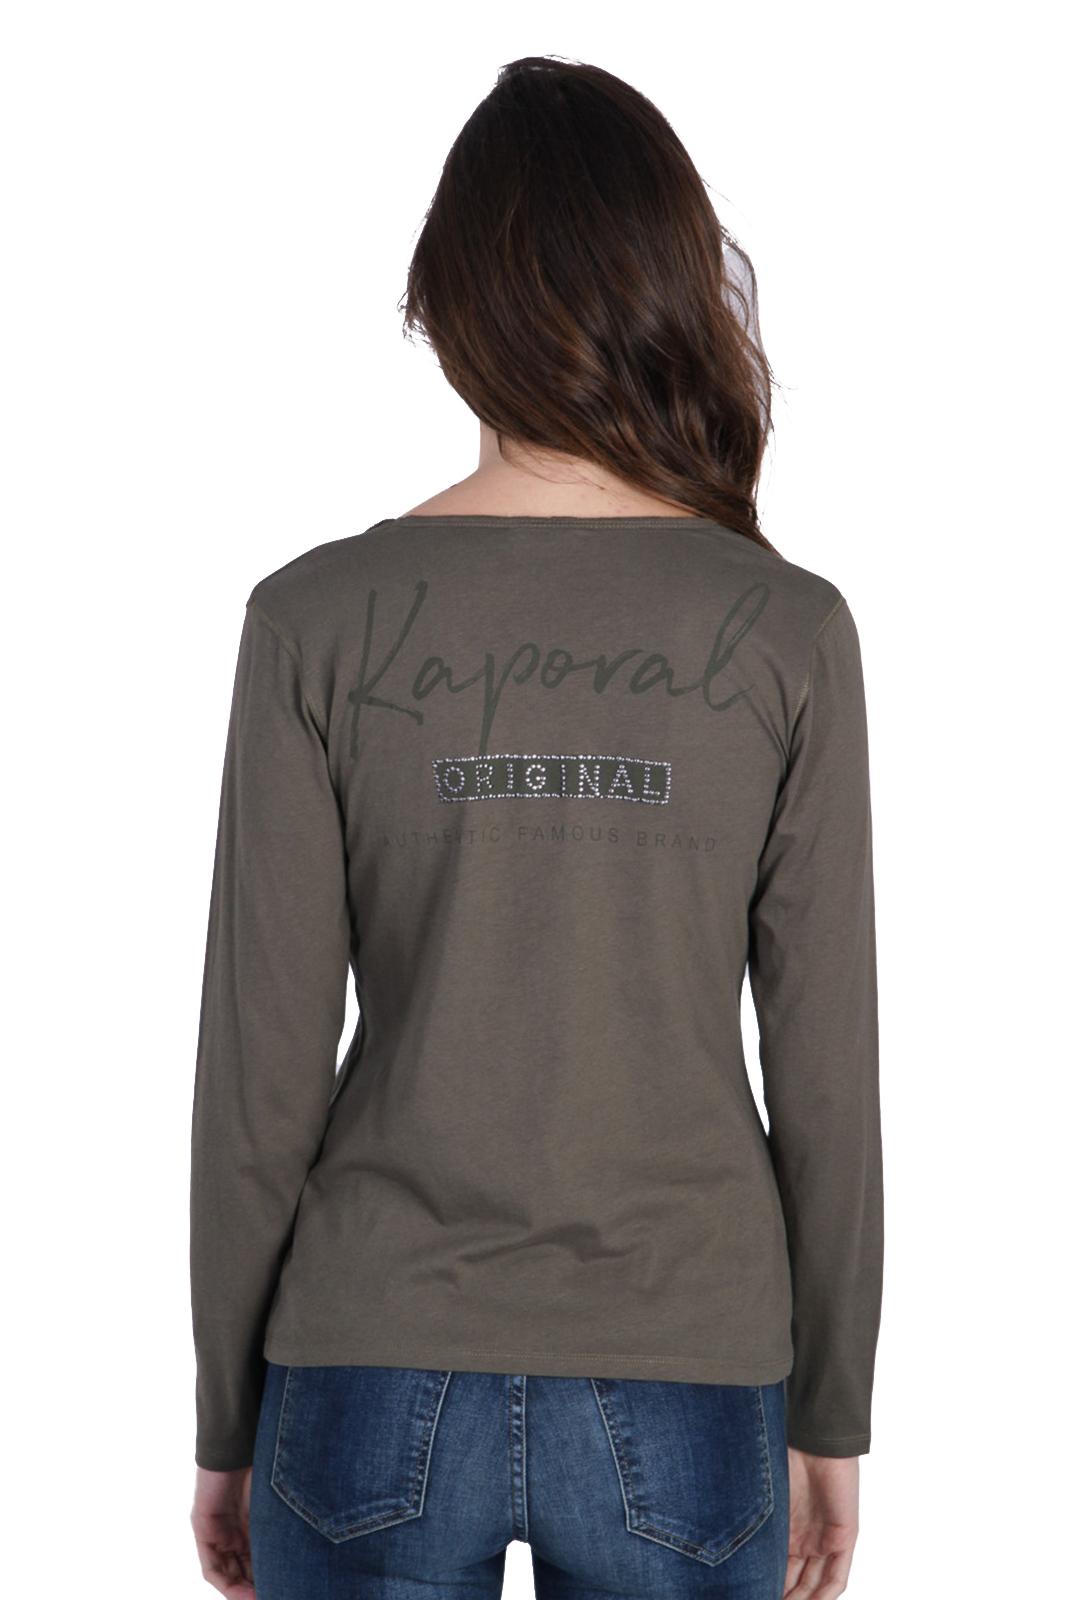 Tee shirt manches longues  Kaporal XOUTH CAMP